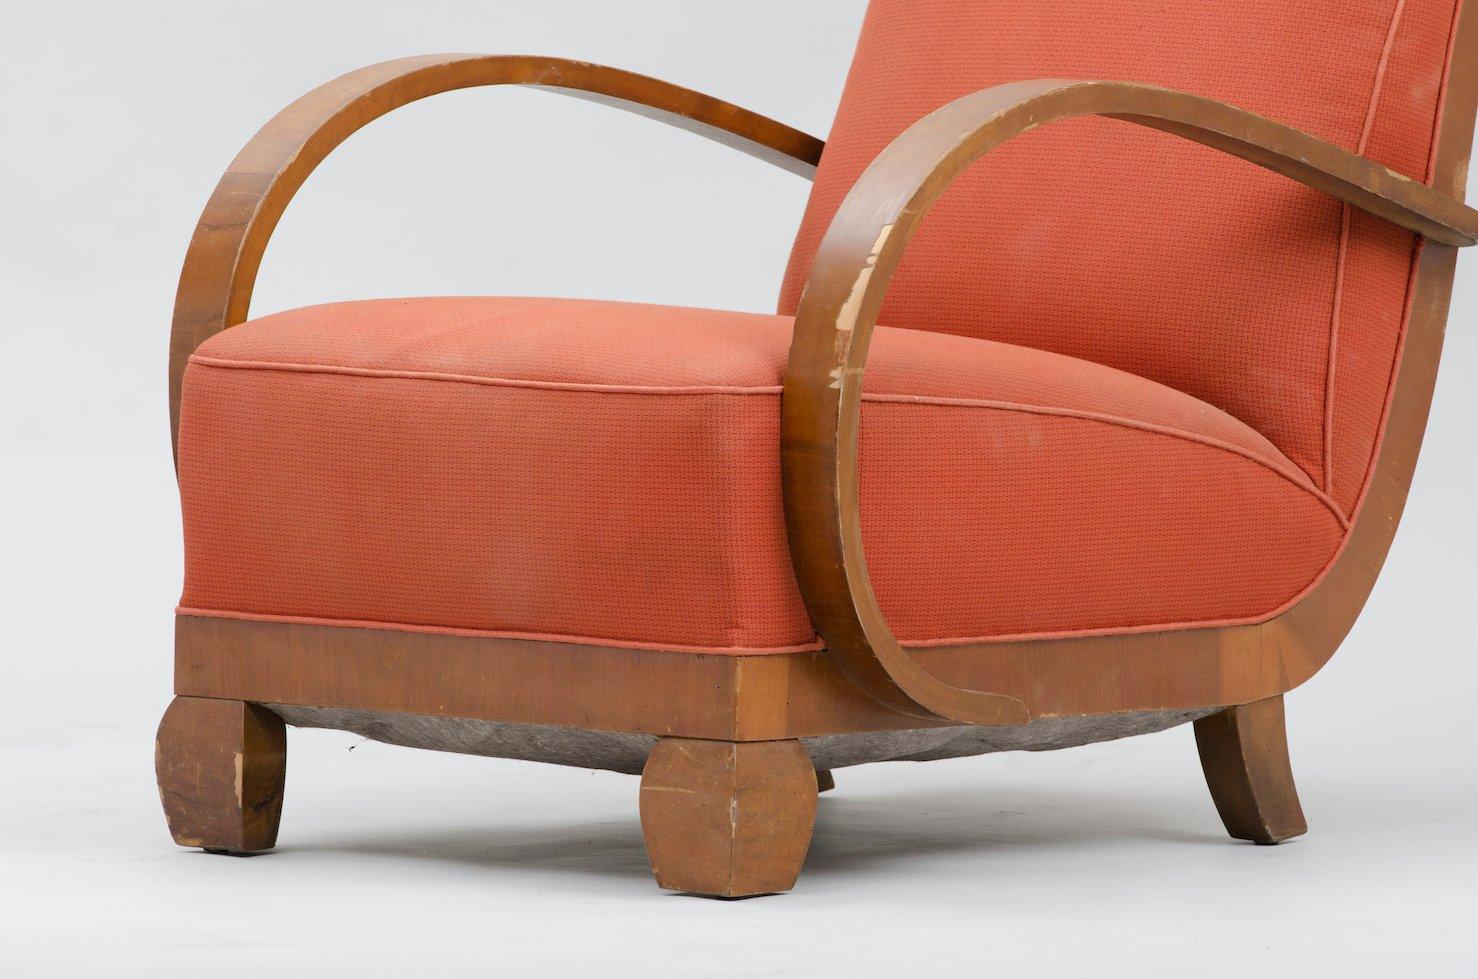 fauteuil art d co en noyer 1980s en vente sur pamono. Black Bedroom Furniture Sets. Home Design Ideas